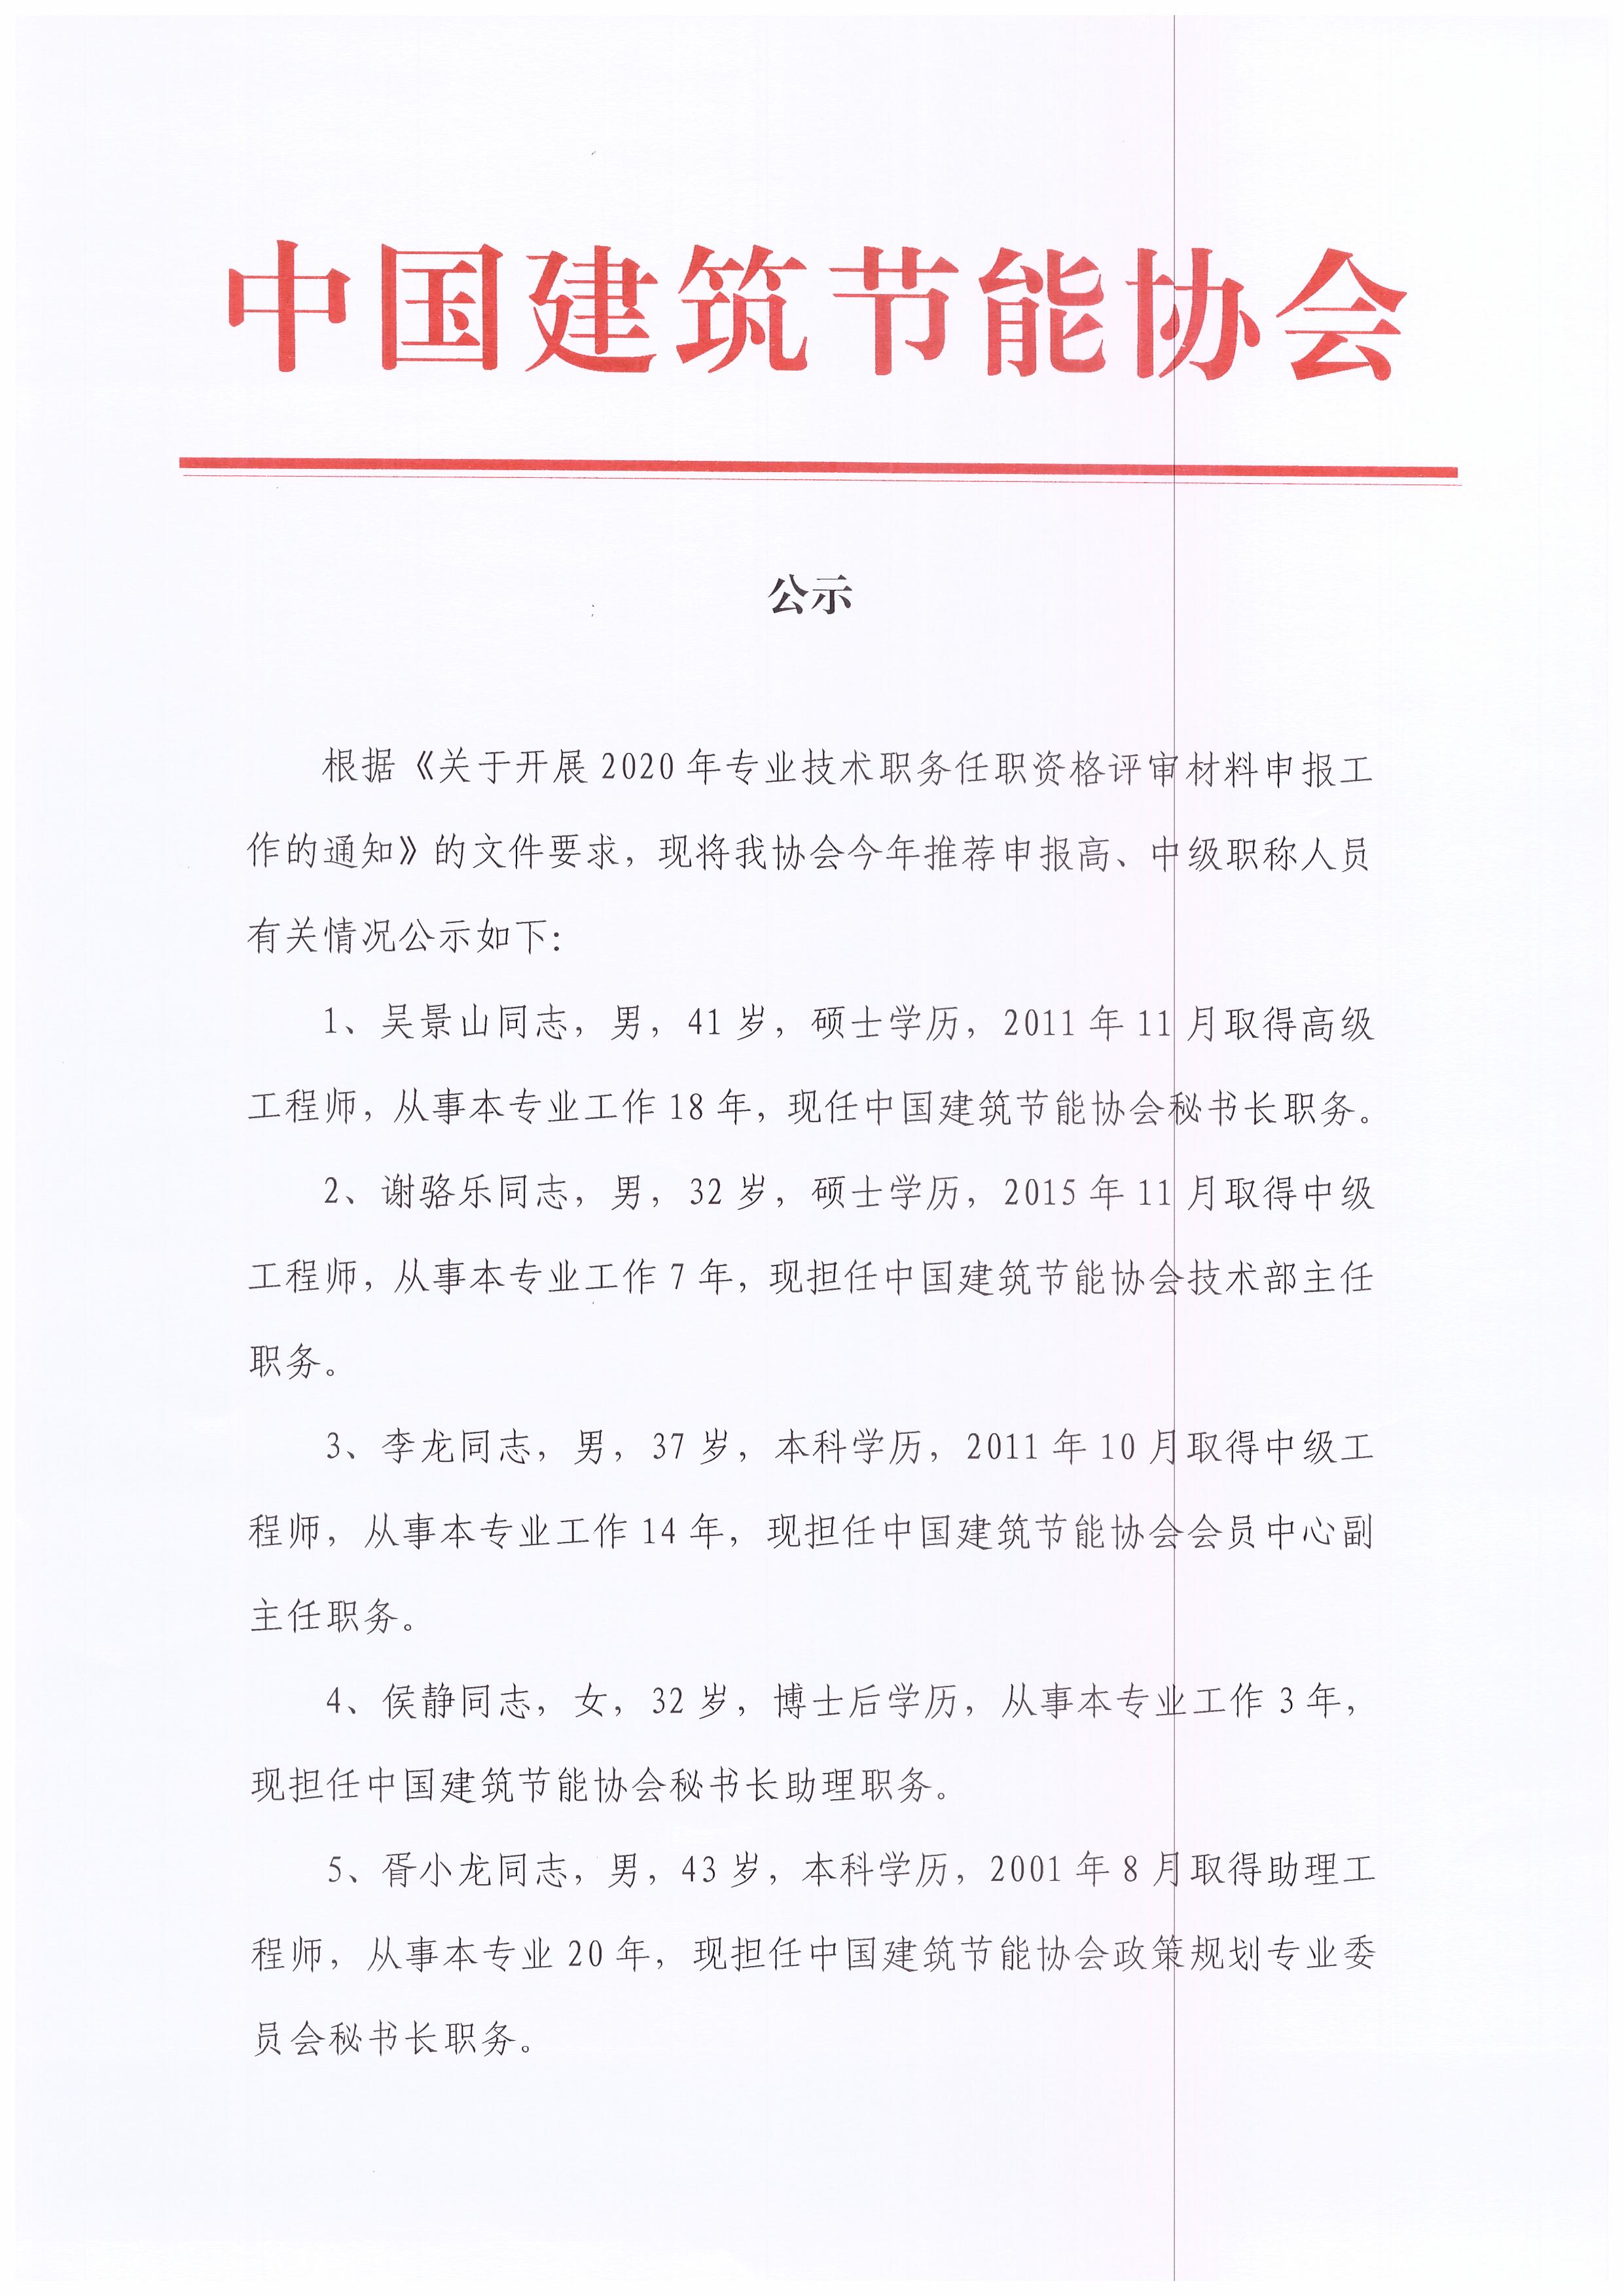 公示_页面_1.jpg